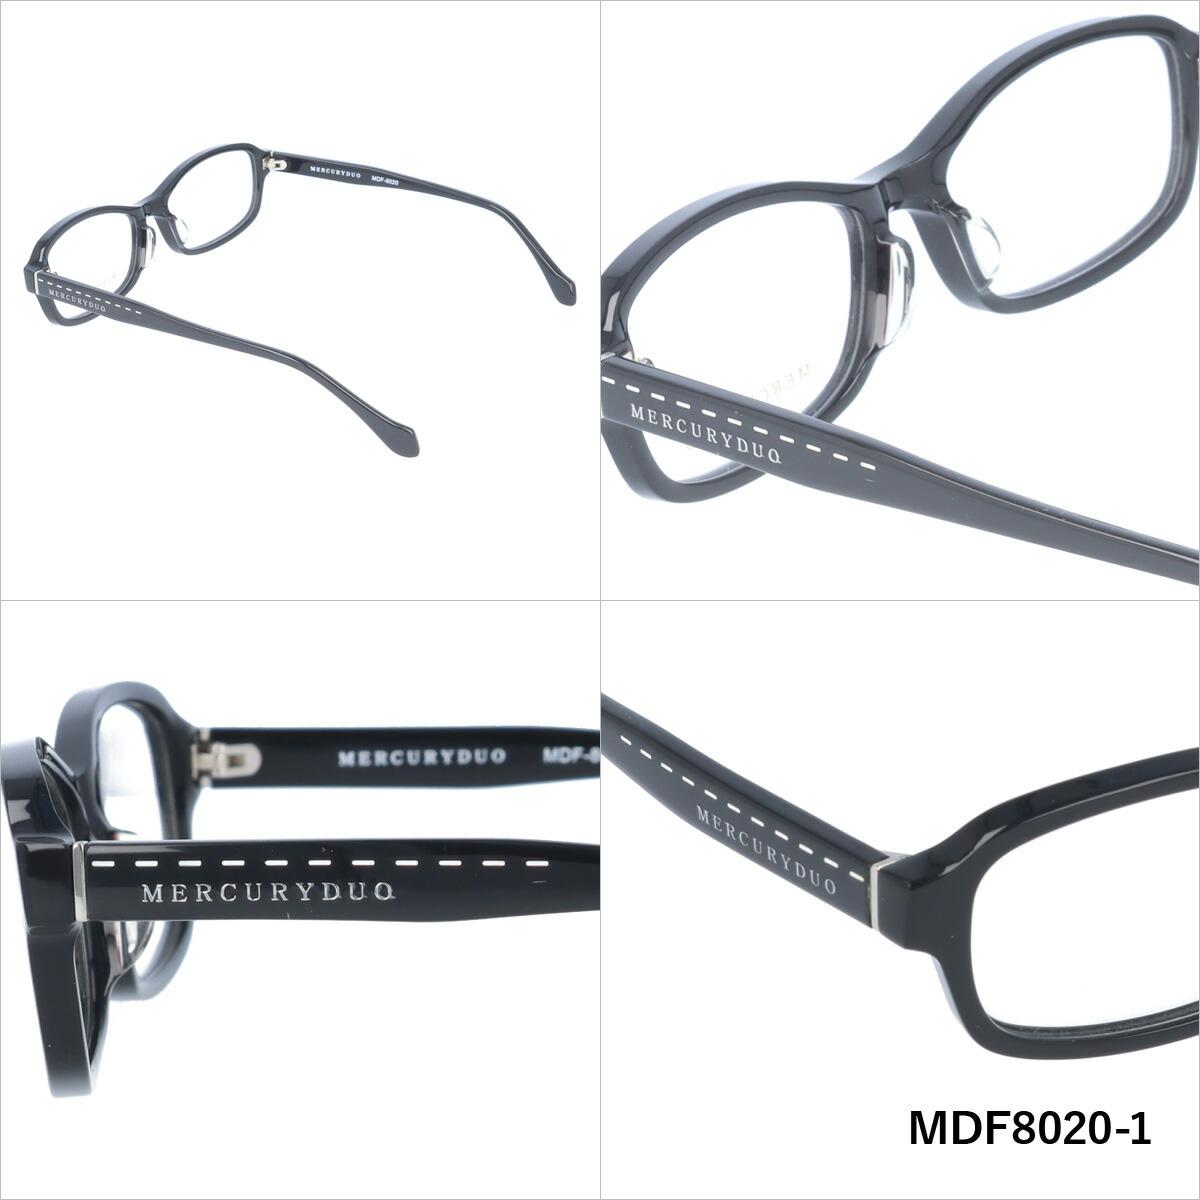 MERCURYDUO マーキュリーデュオ 伊達メガネ 眼鏡 MDF8020-1/MDF8020-2/MDF8020-3/MDF8020-4 スクエア レディース